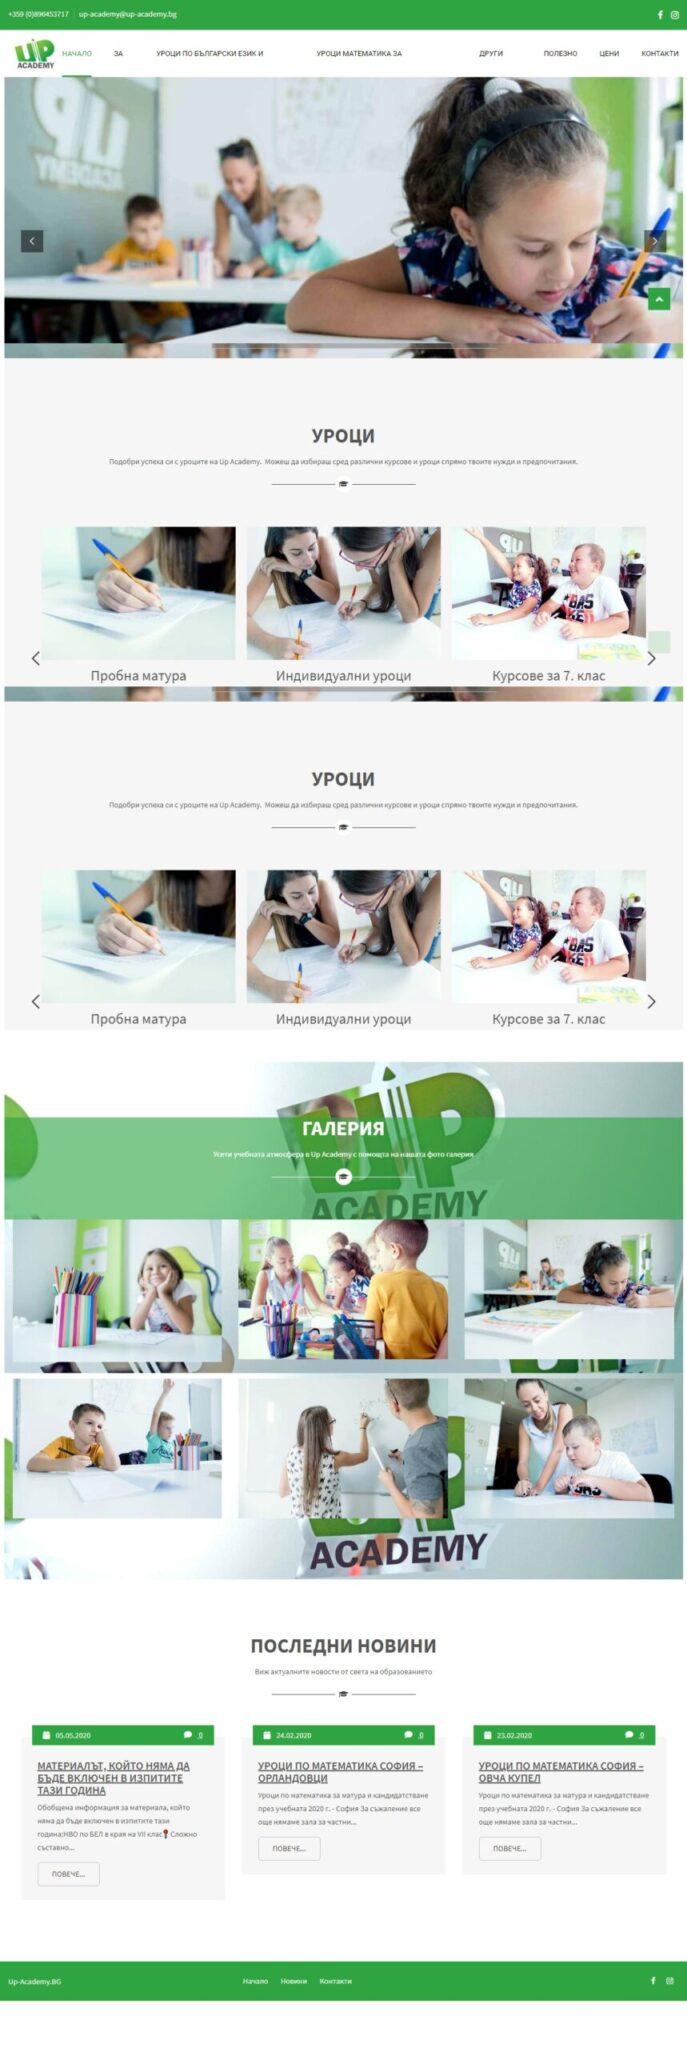 Уроци, курсове от Up-Academy.bg - редактиране на съществуващ дизайн - WordPress - 2